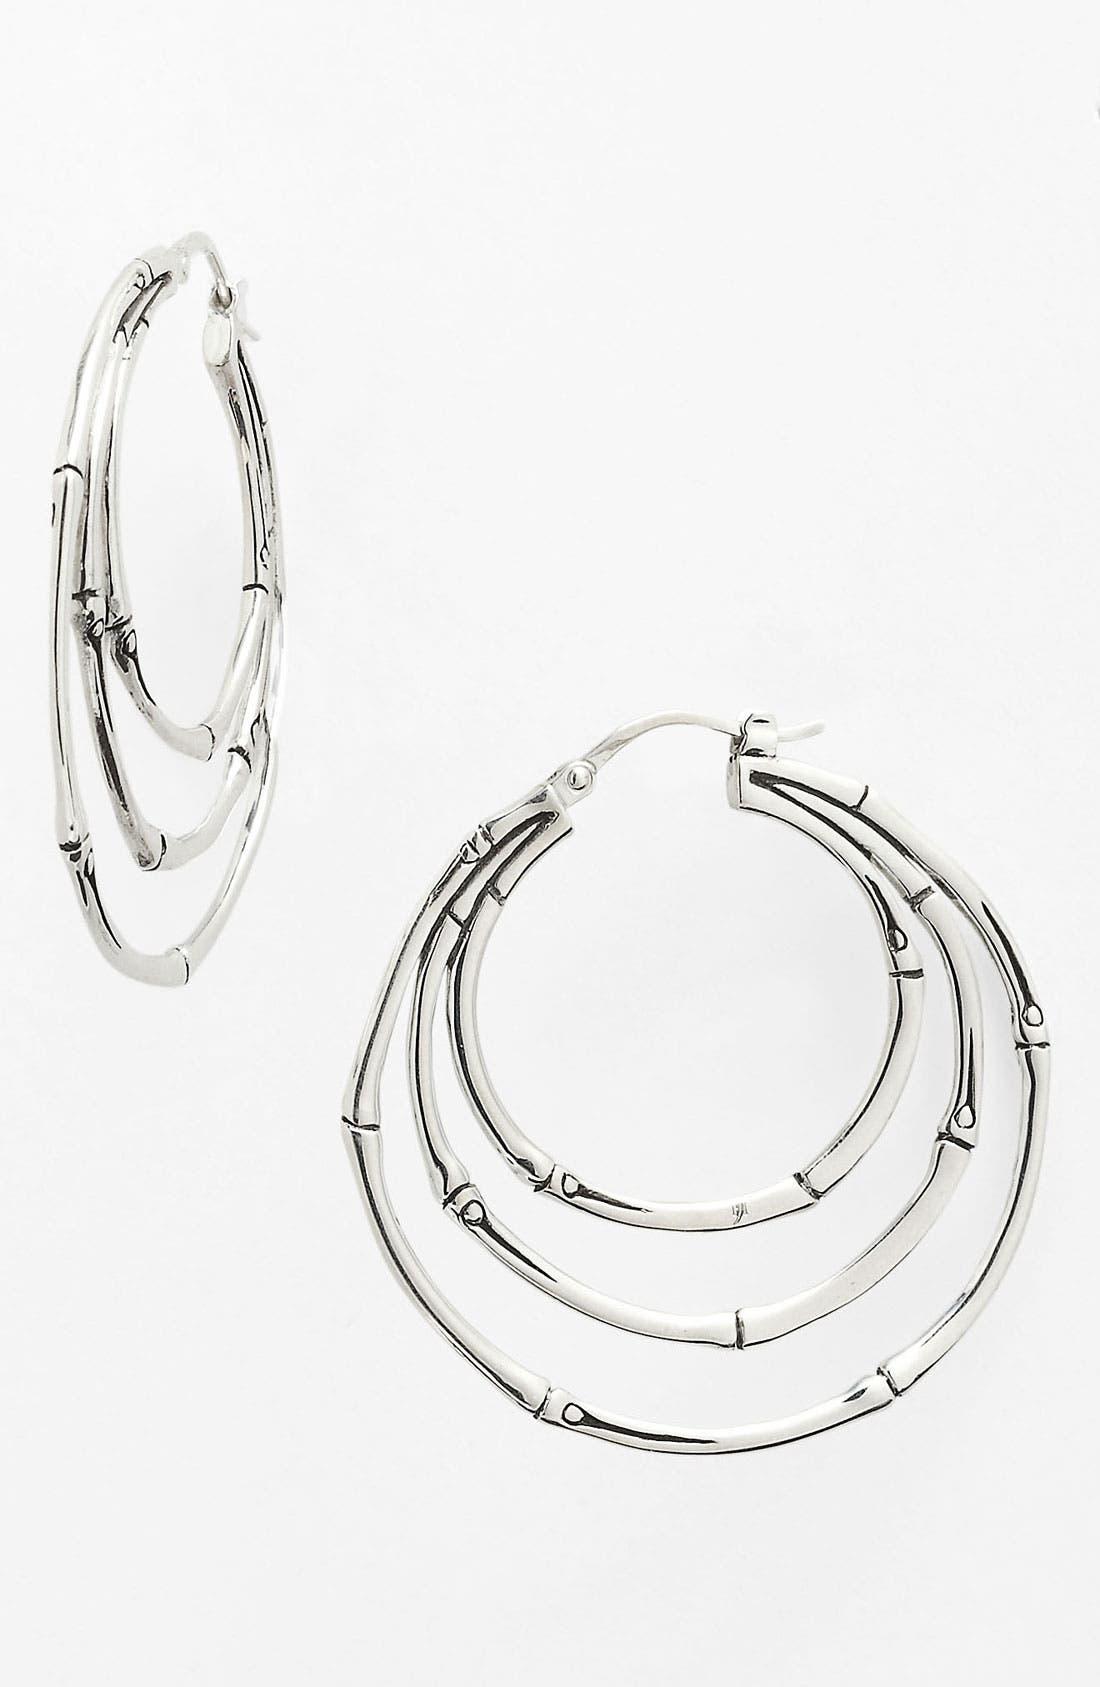 Main Image - John Hardy 'Bamboo' Small Orbital Hoop Earrings